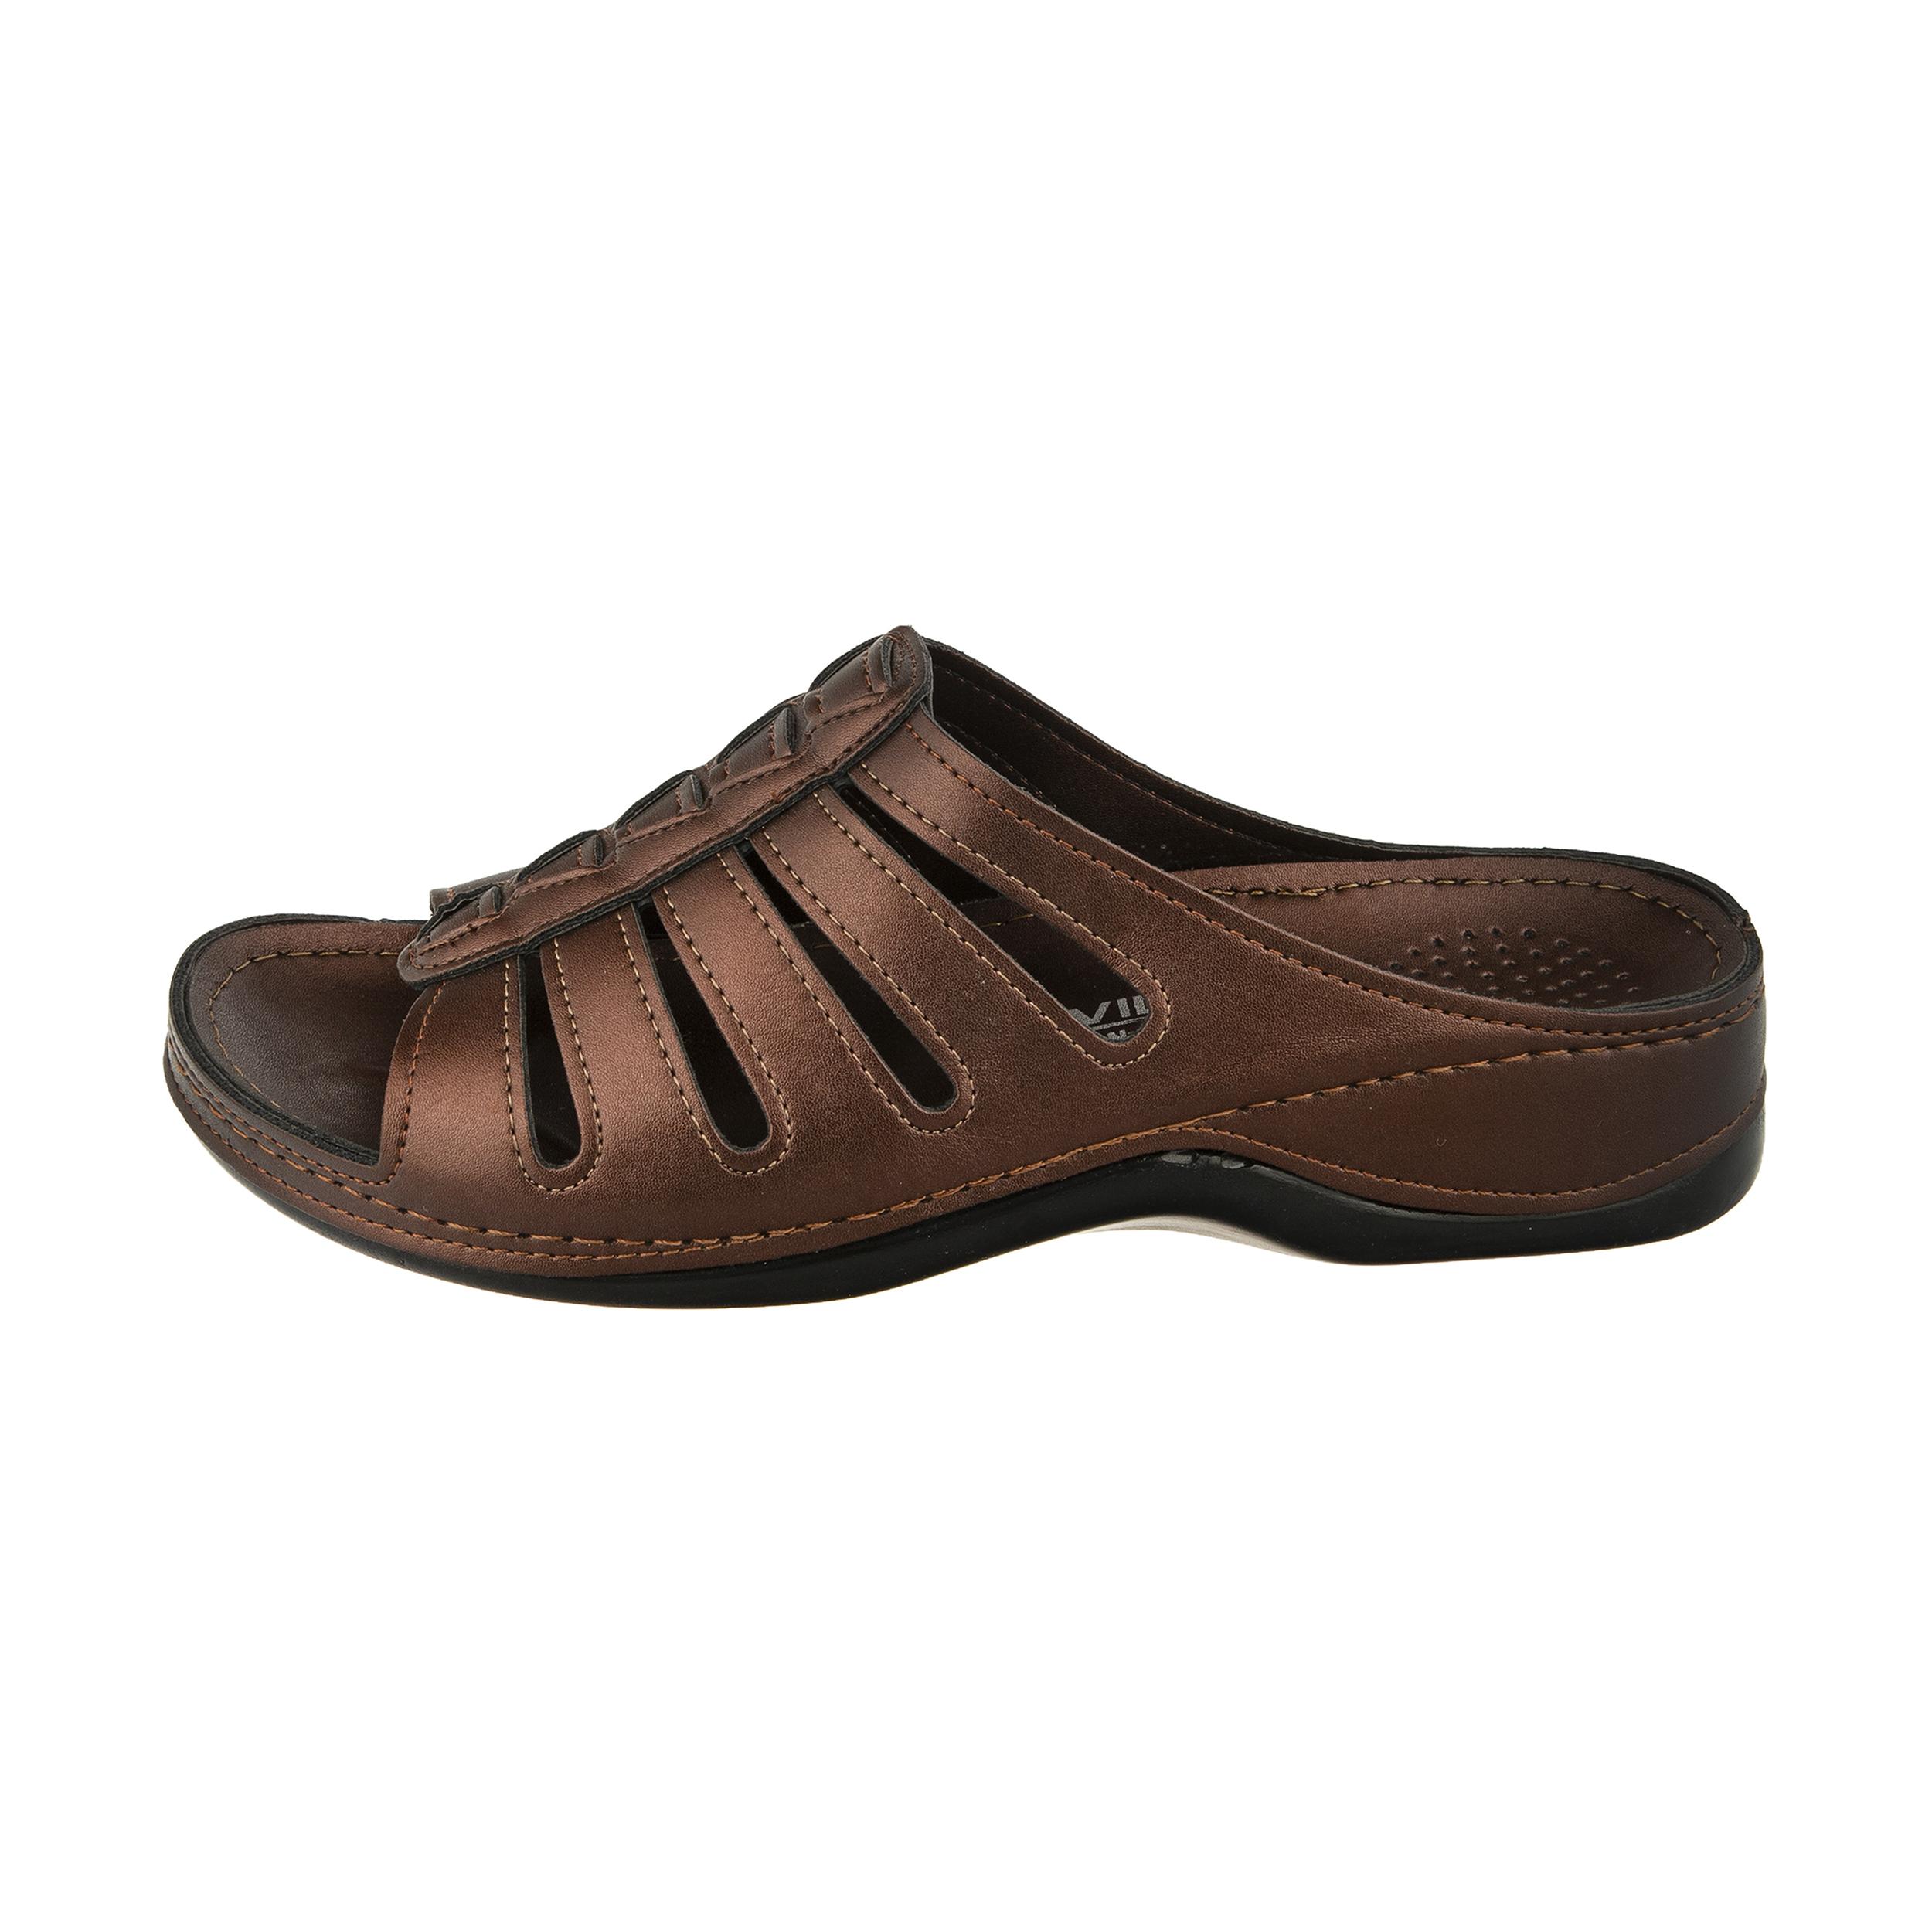 دمپایی زنانه کفش آویده کد av-0304212 رنگ مسی -  - 2